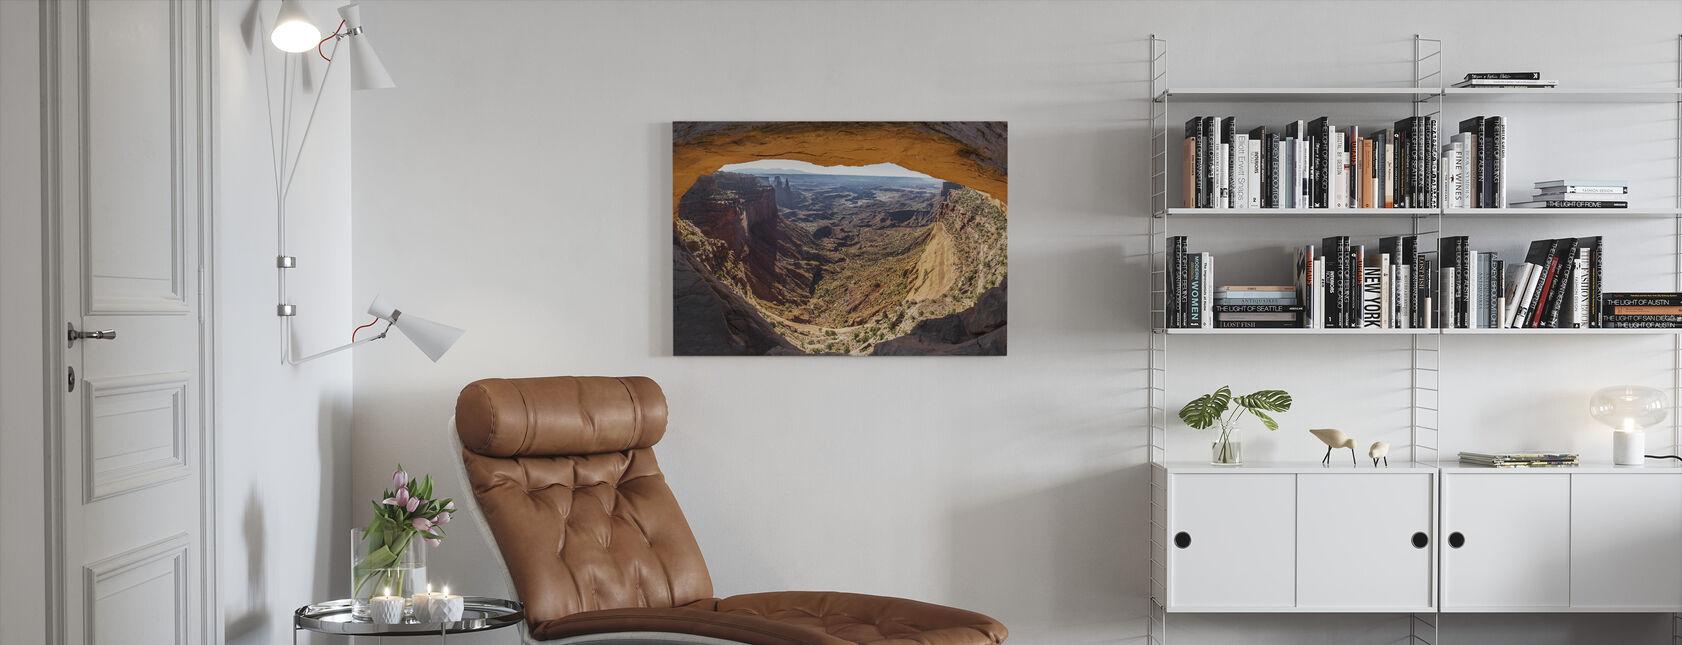 Mesa Arch - Billede på lærred - Stue